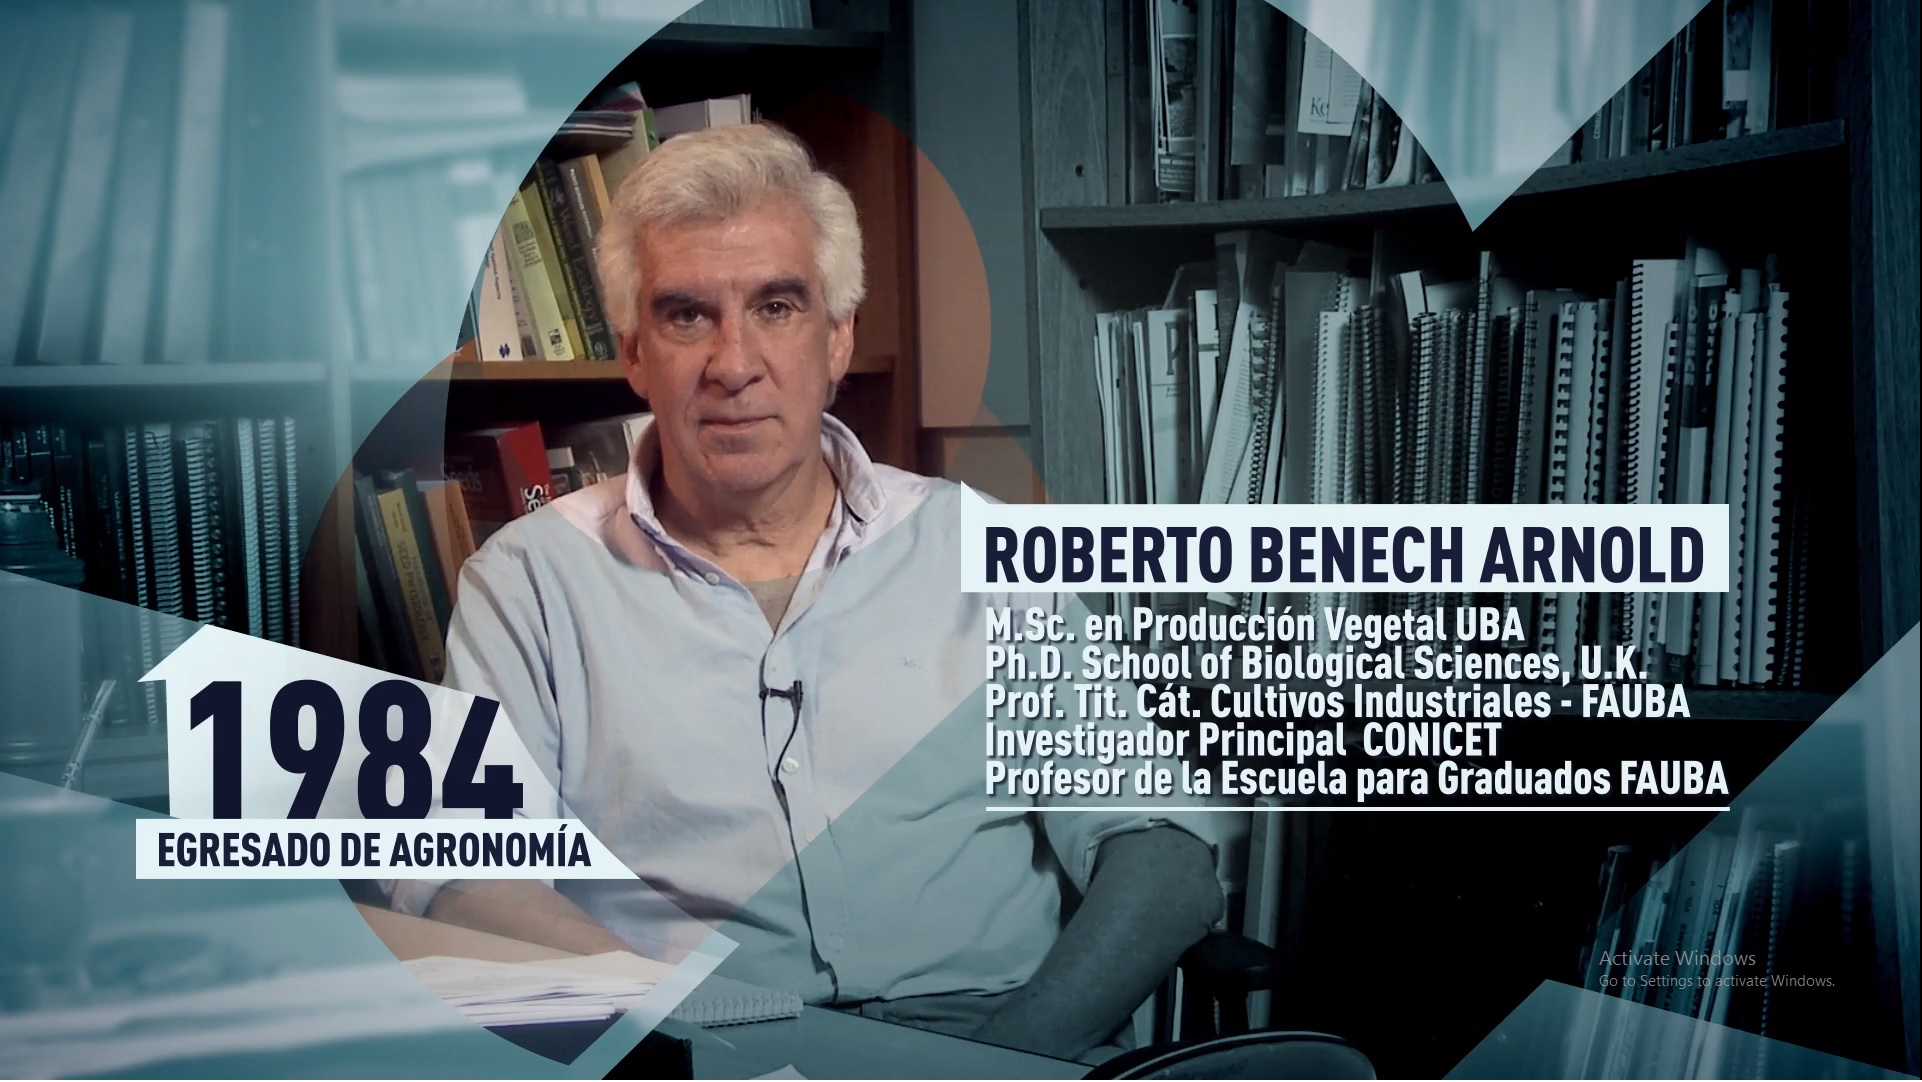 Soy UBA Agronomía - Roberto Benech Arnold